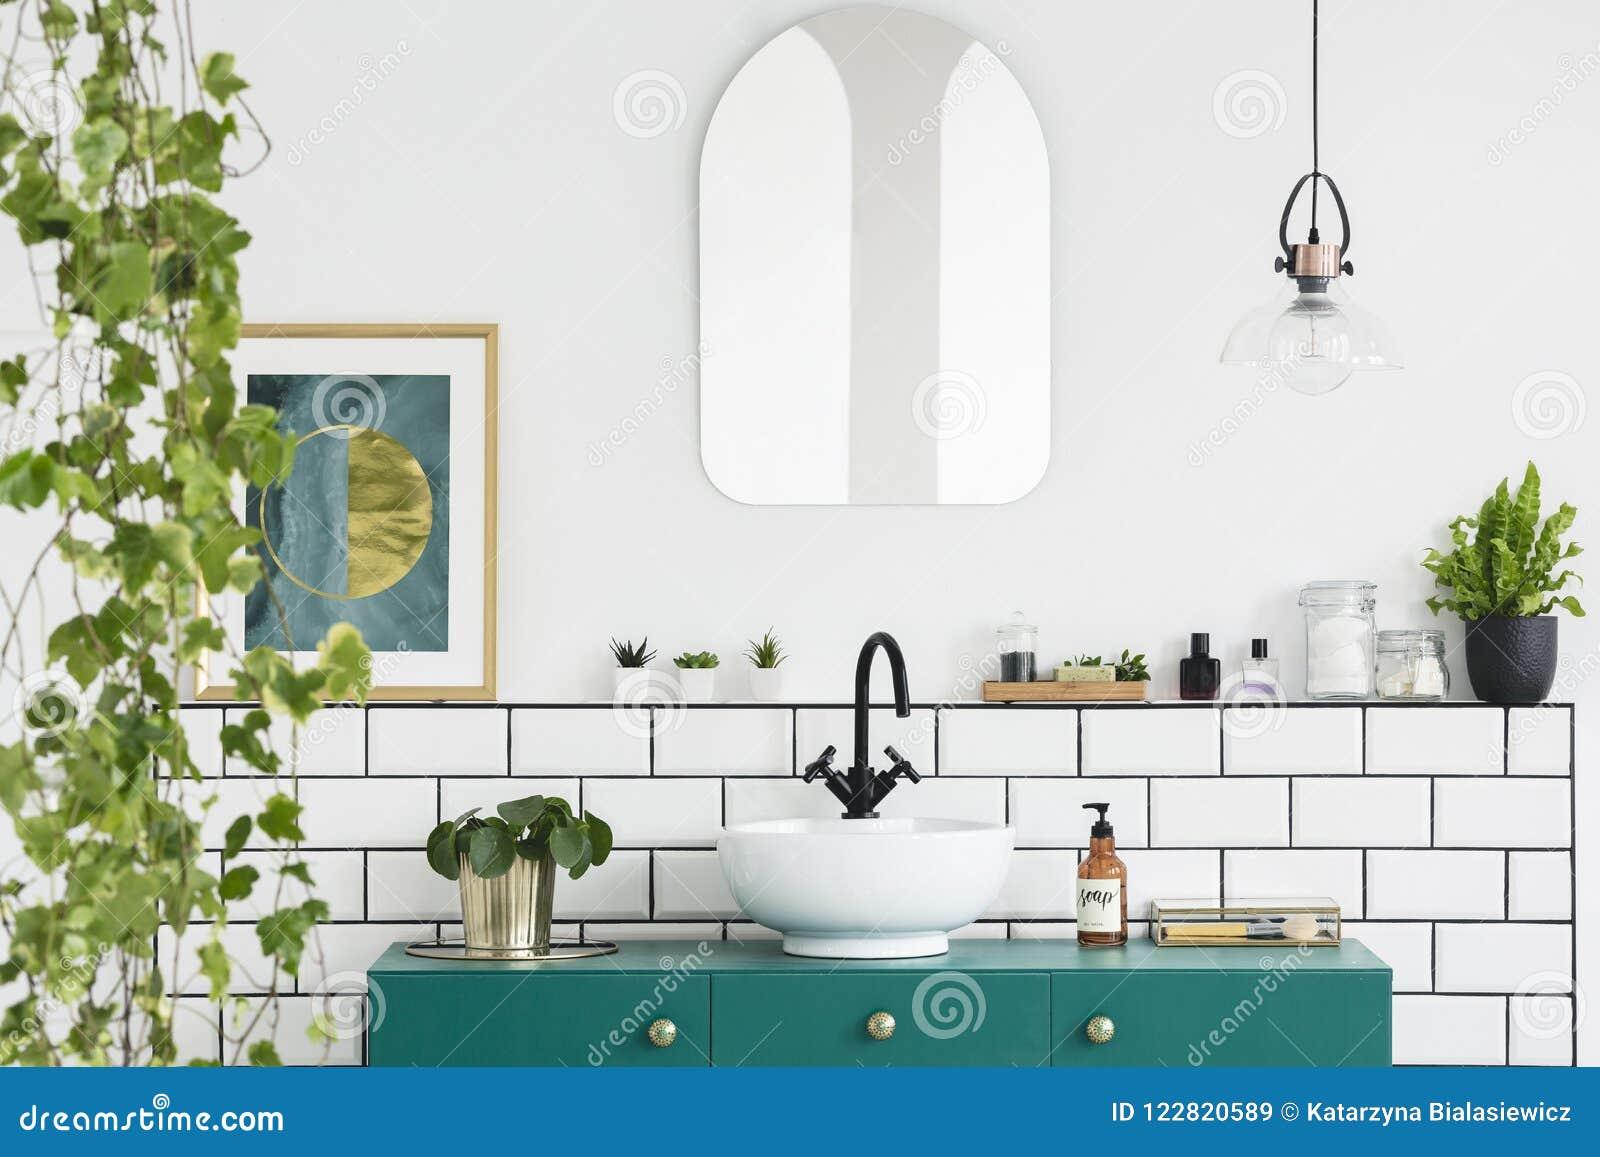 Espejo en la pared blanca sobre el lavabo verde en interior del cuarto de baño con las plantas y el cartel Foto verdadera